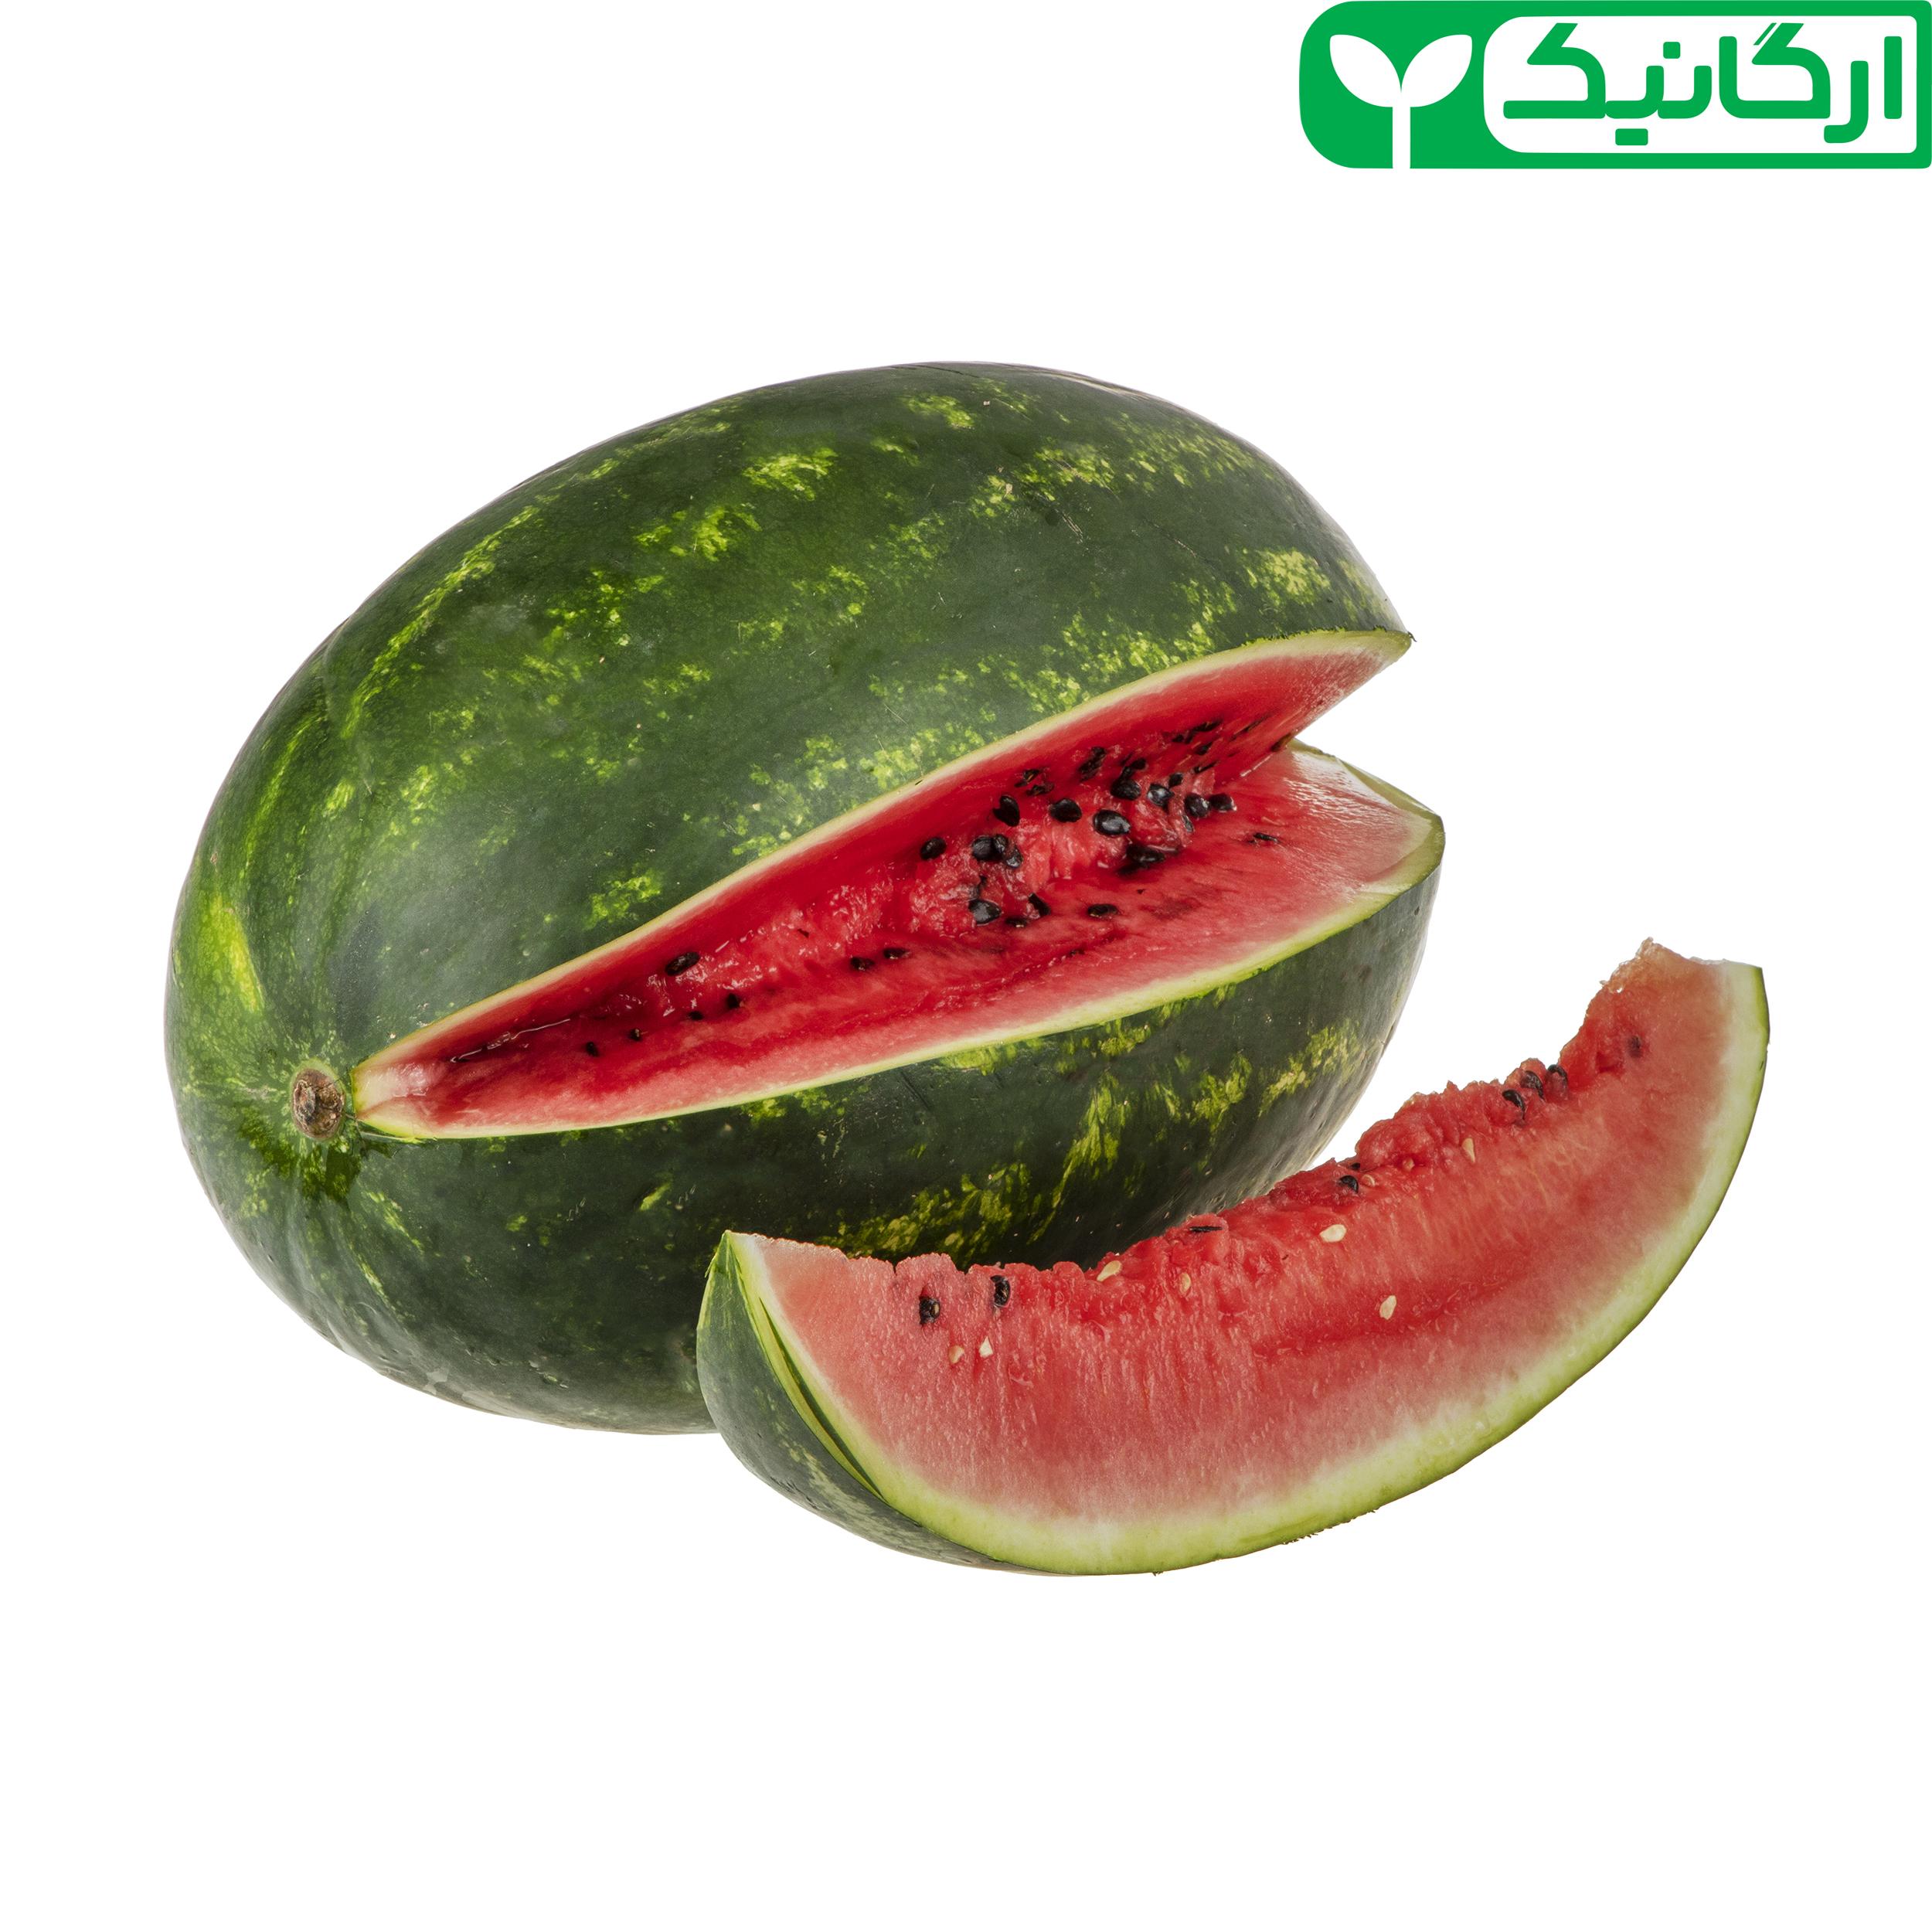 هندوانه ارگانیک رضوانی – 7 کیلوگرم